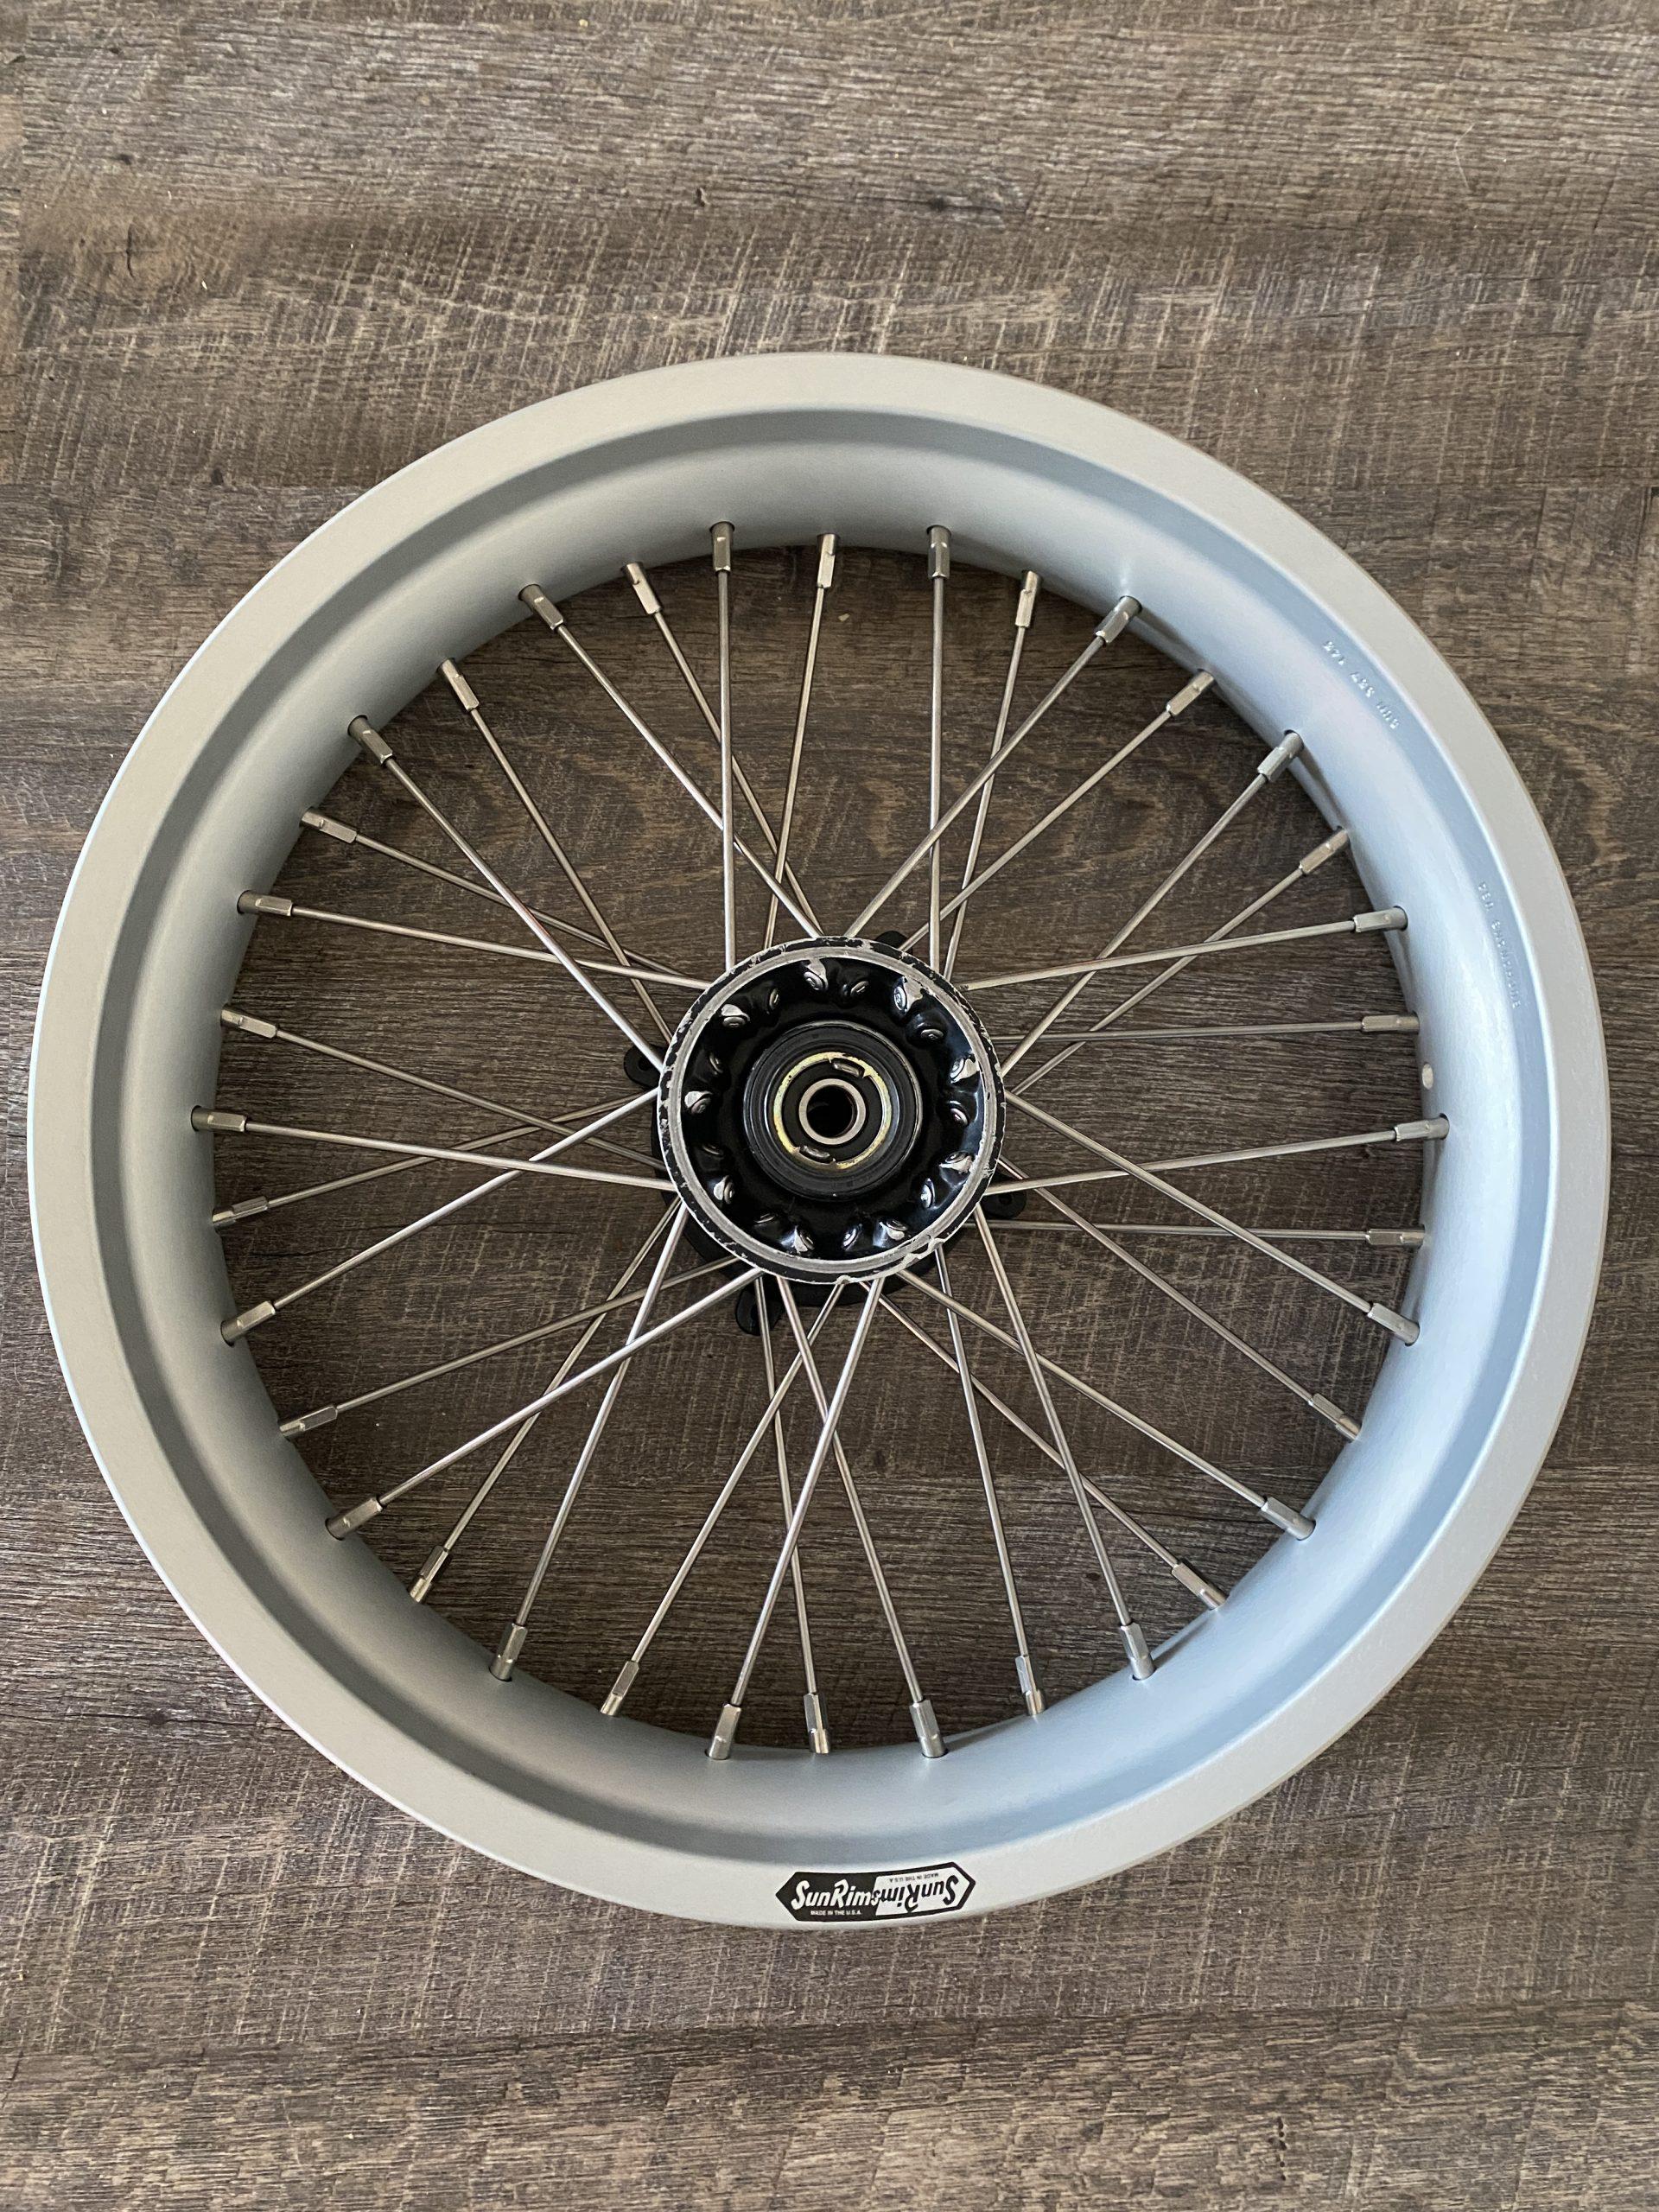 final built motorcycle wheel